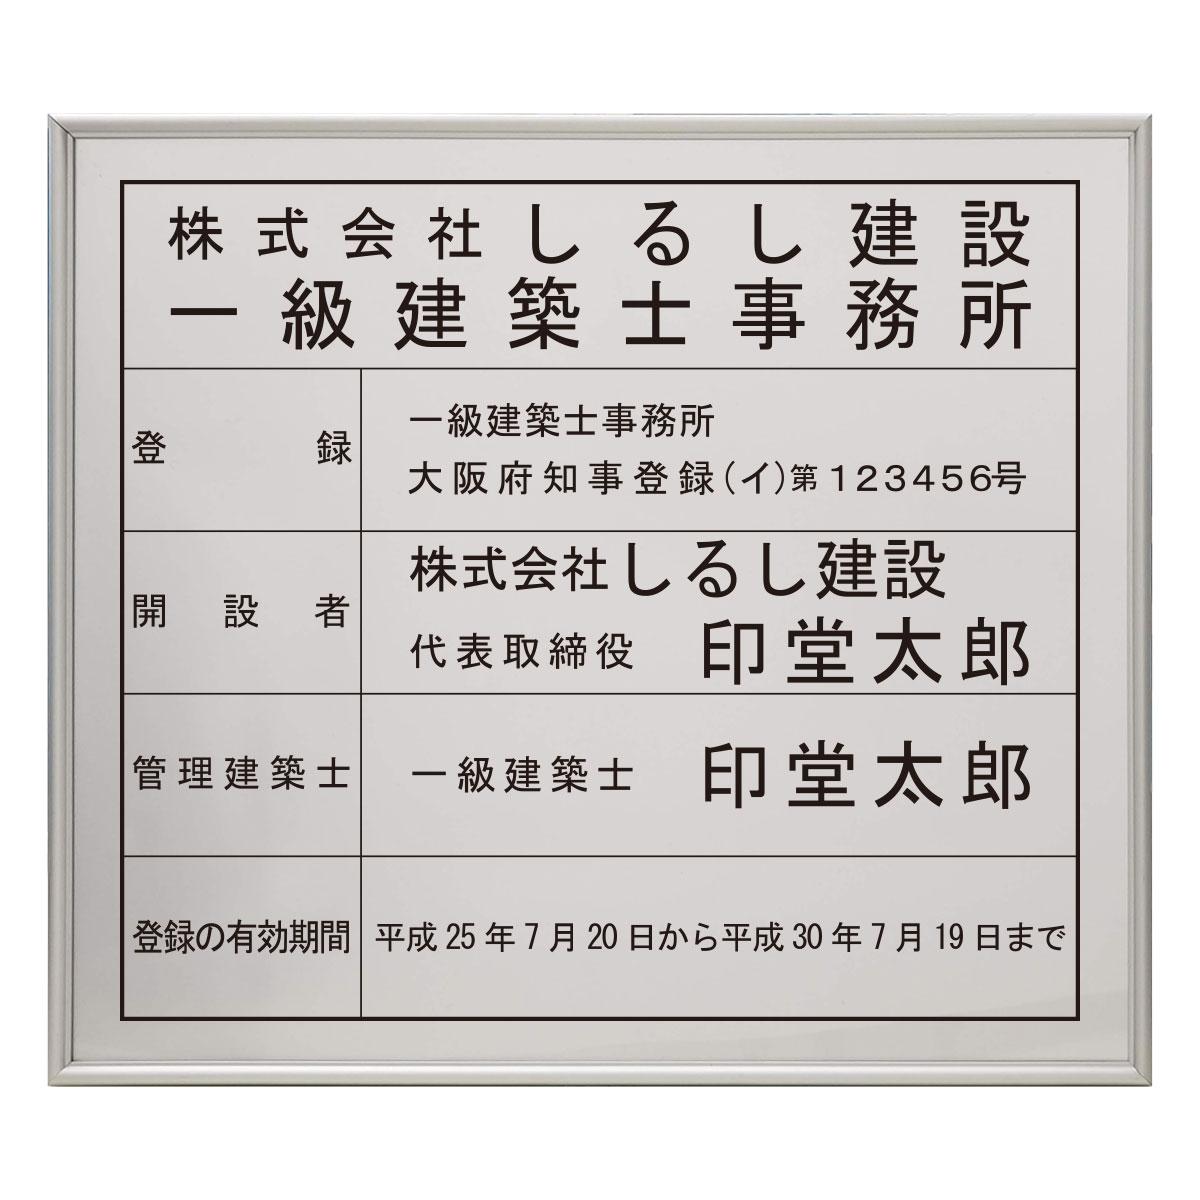 建築士事務所登録票スタンダードシルバー  / 店舗 事務所用看板 文字入れ 名入れ 別注品 特注品 看板 法定看板 許可票 建設業の許可票